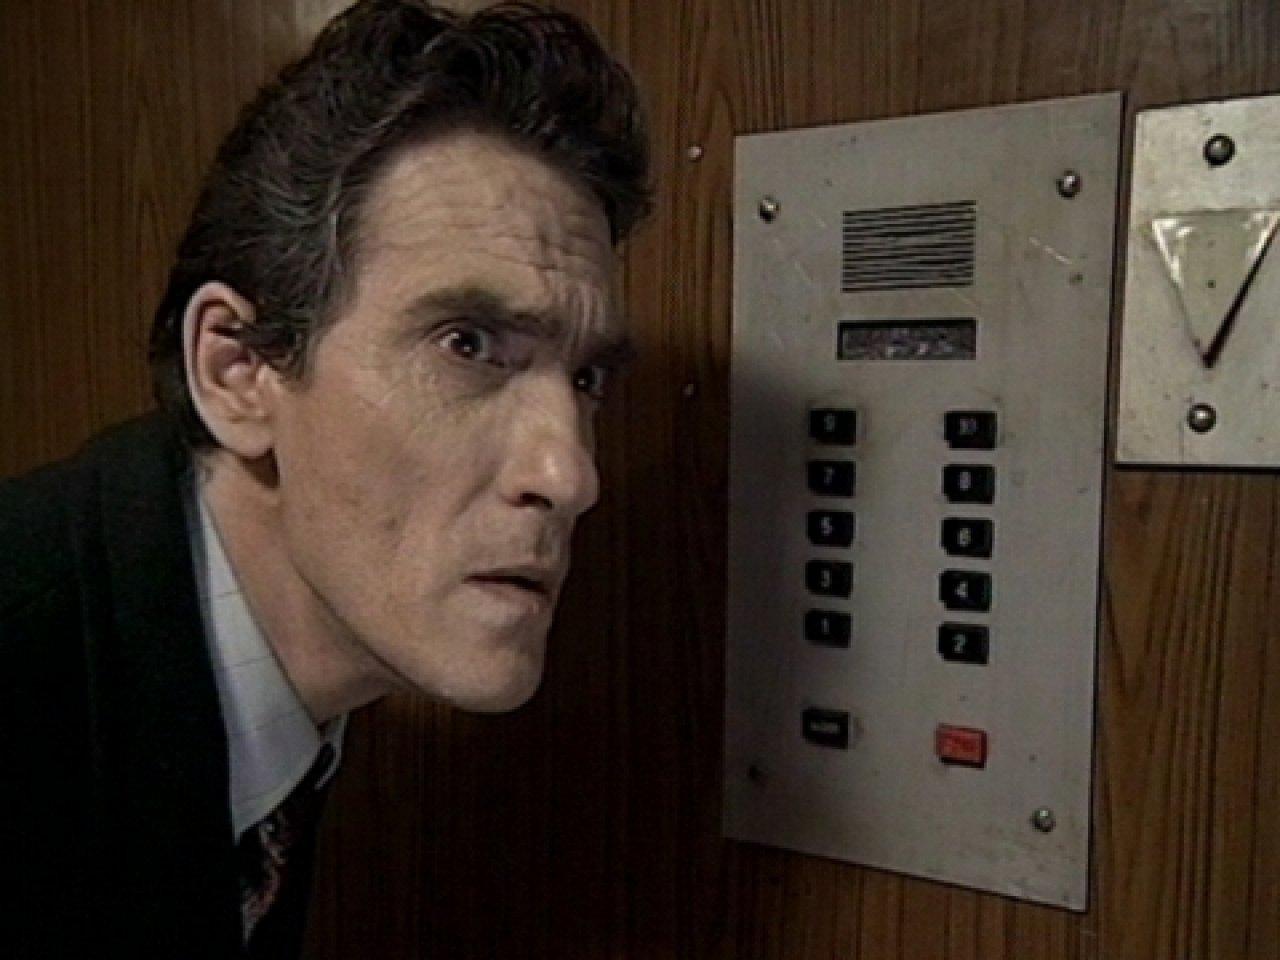 Лифт уходит по расписанию